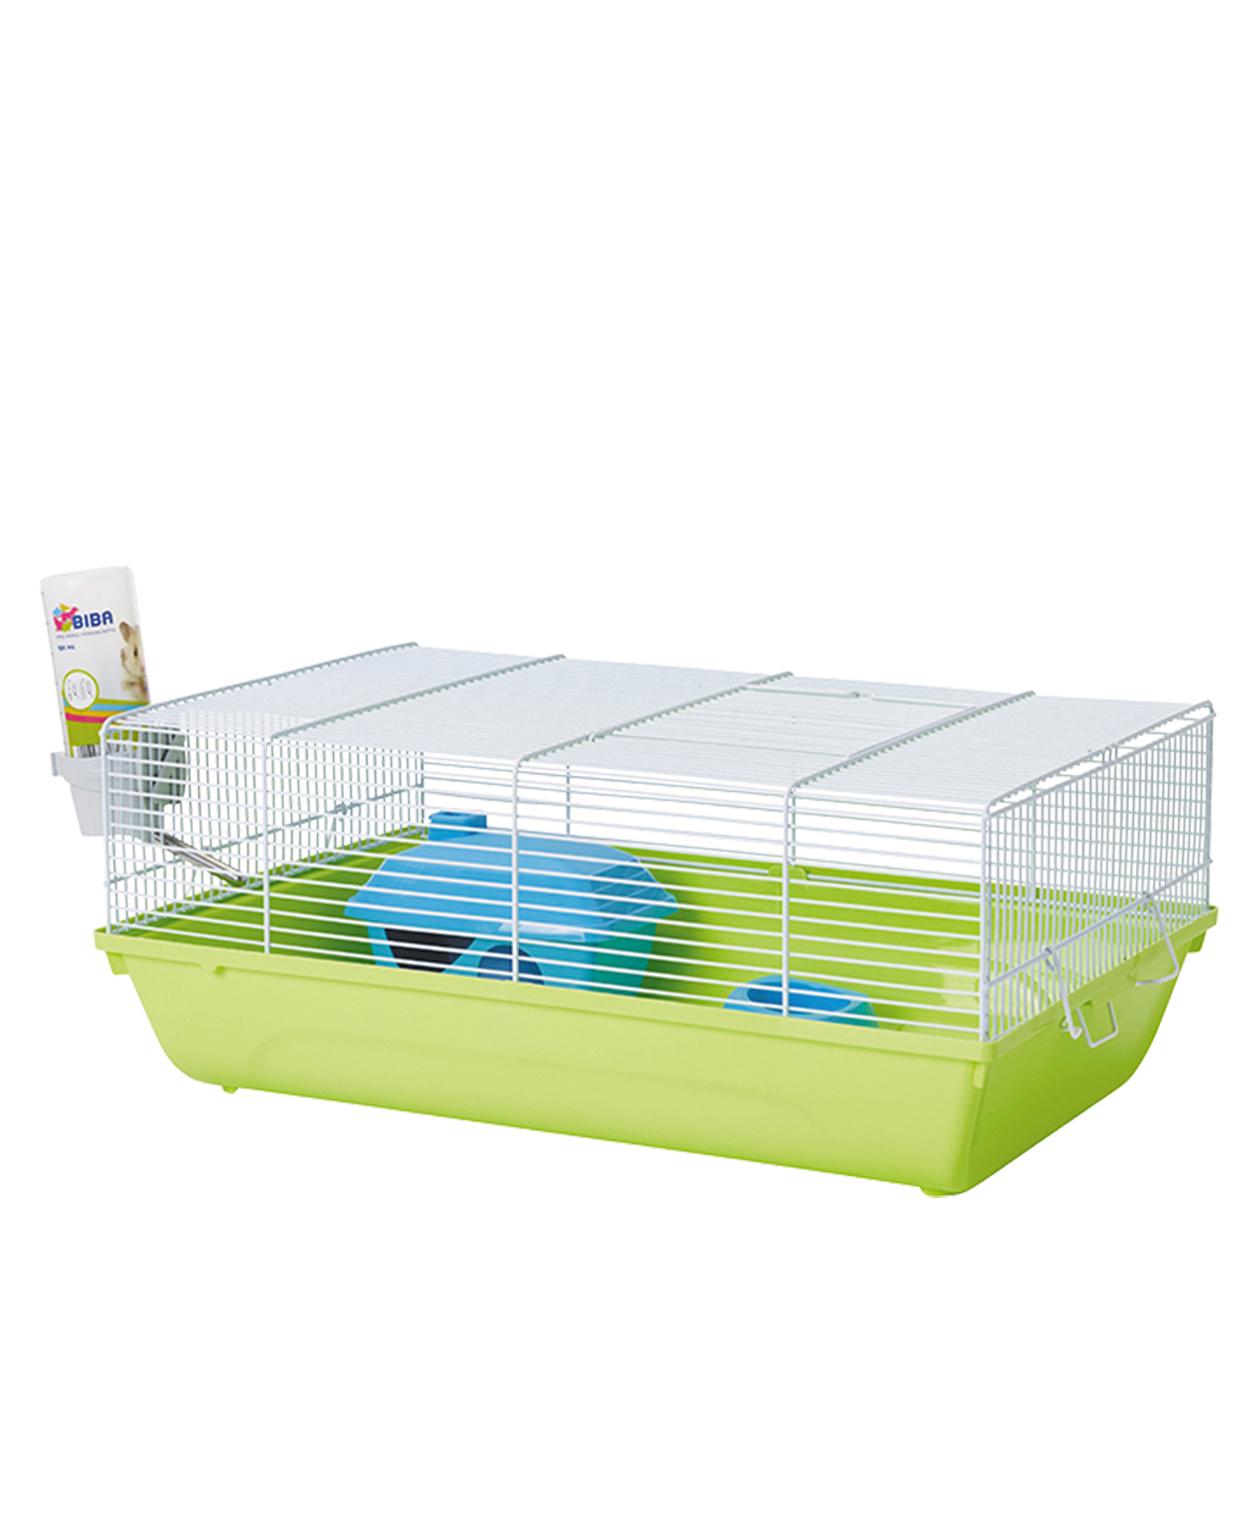 Cage souris budget stuart blanc et vert 46,5x29,5x19cm - Savic